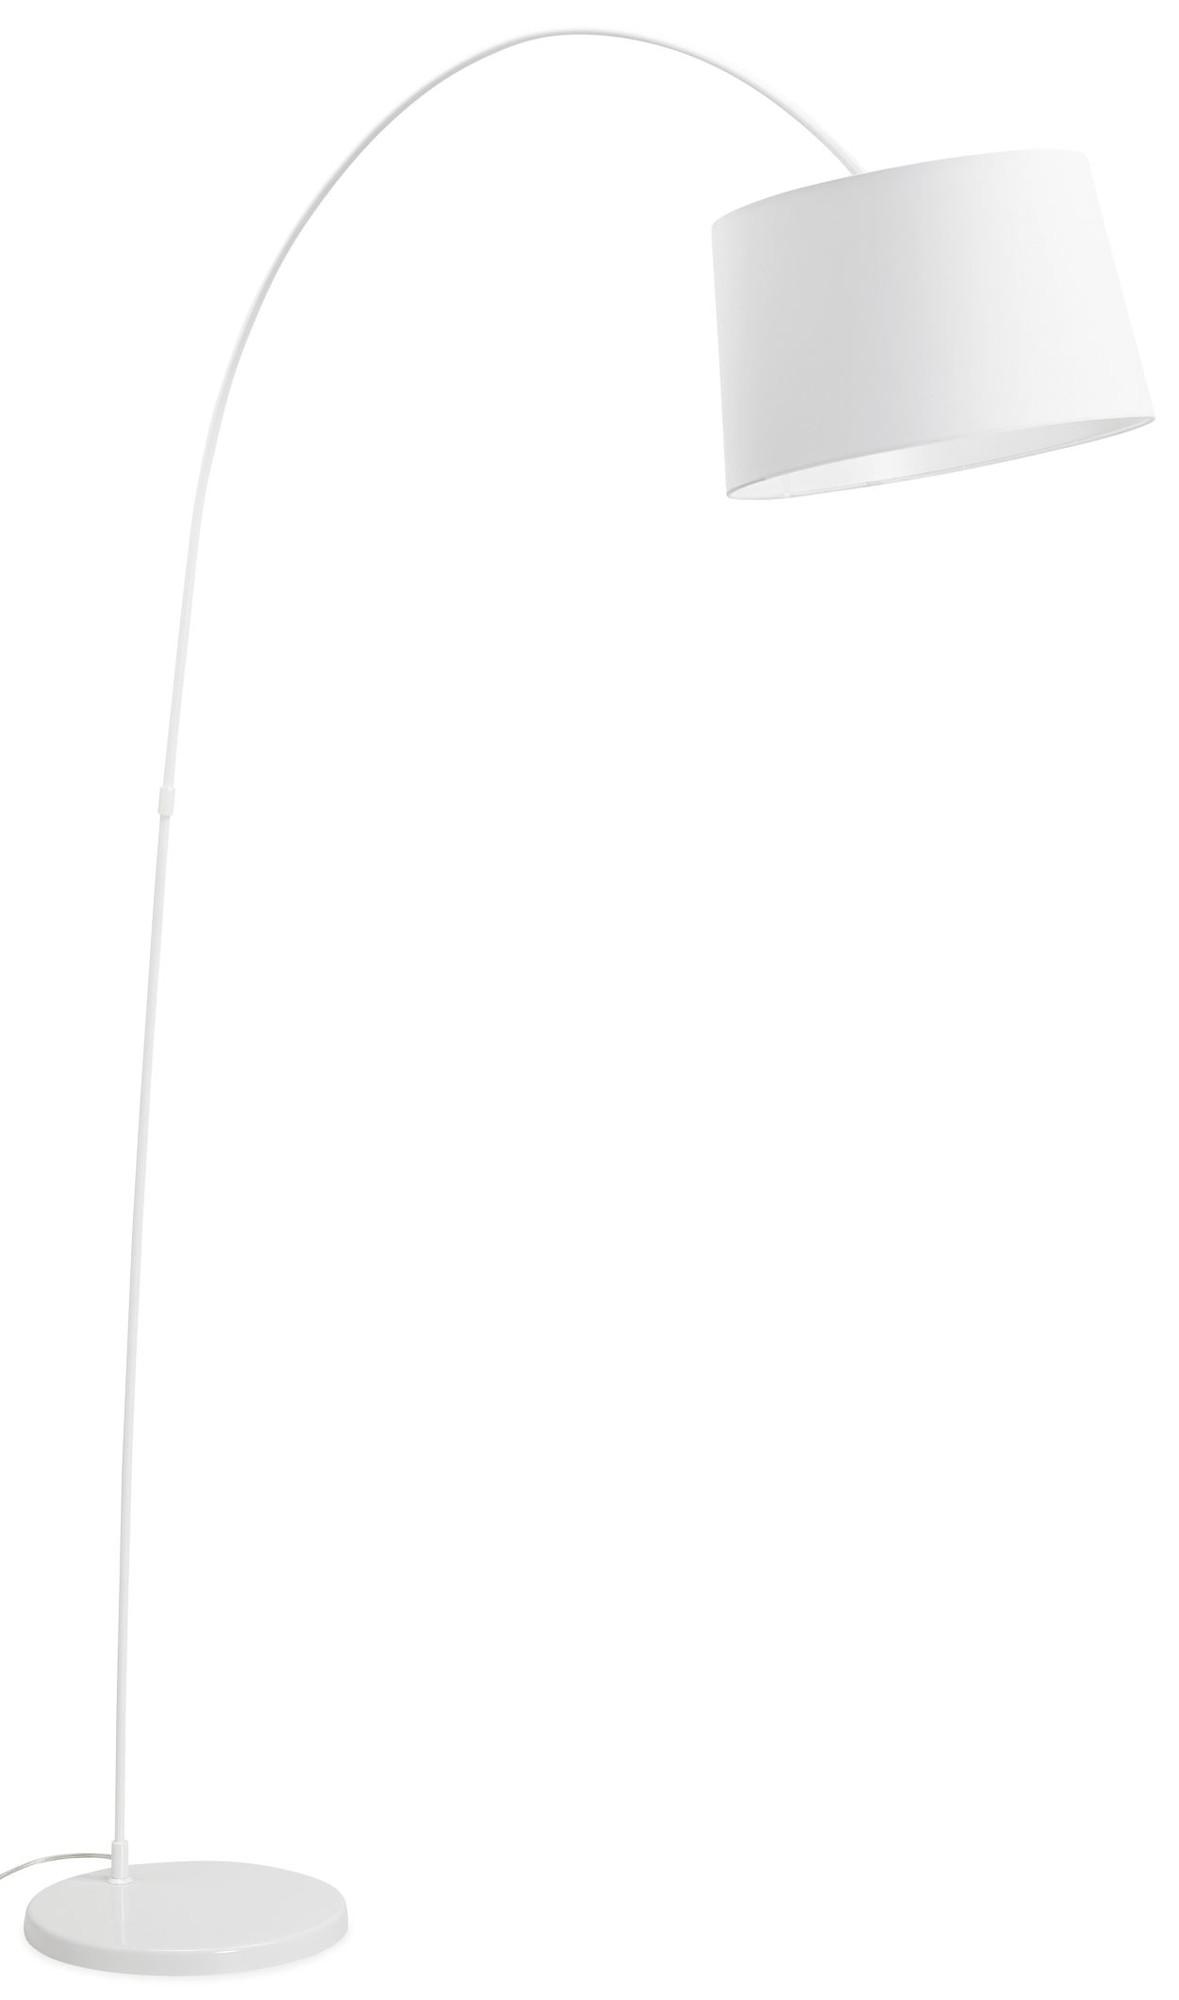 24Designs Booglamp Harmon - H205 - Wit